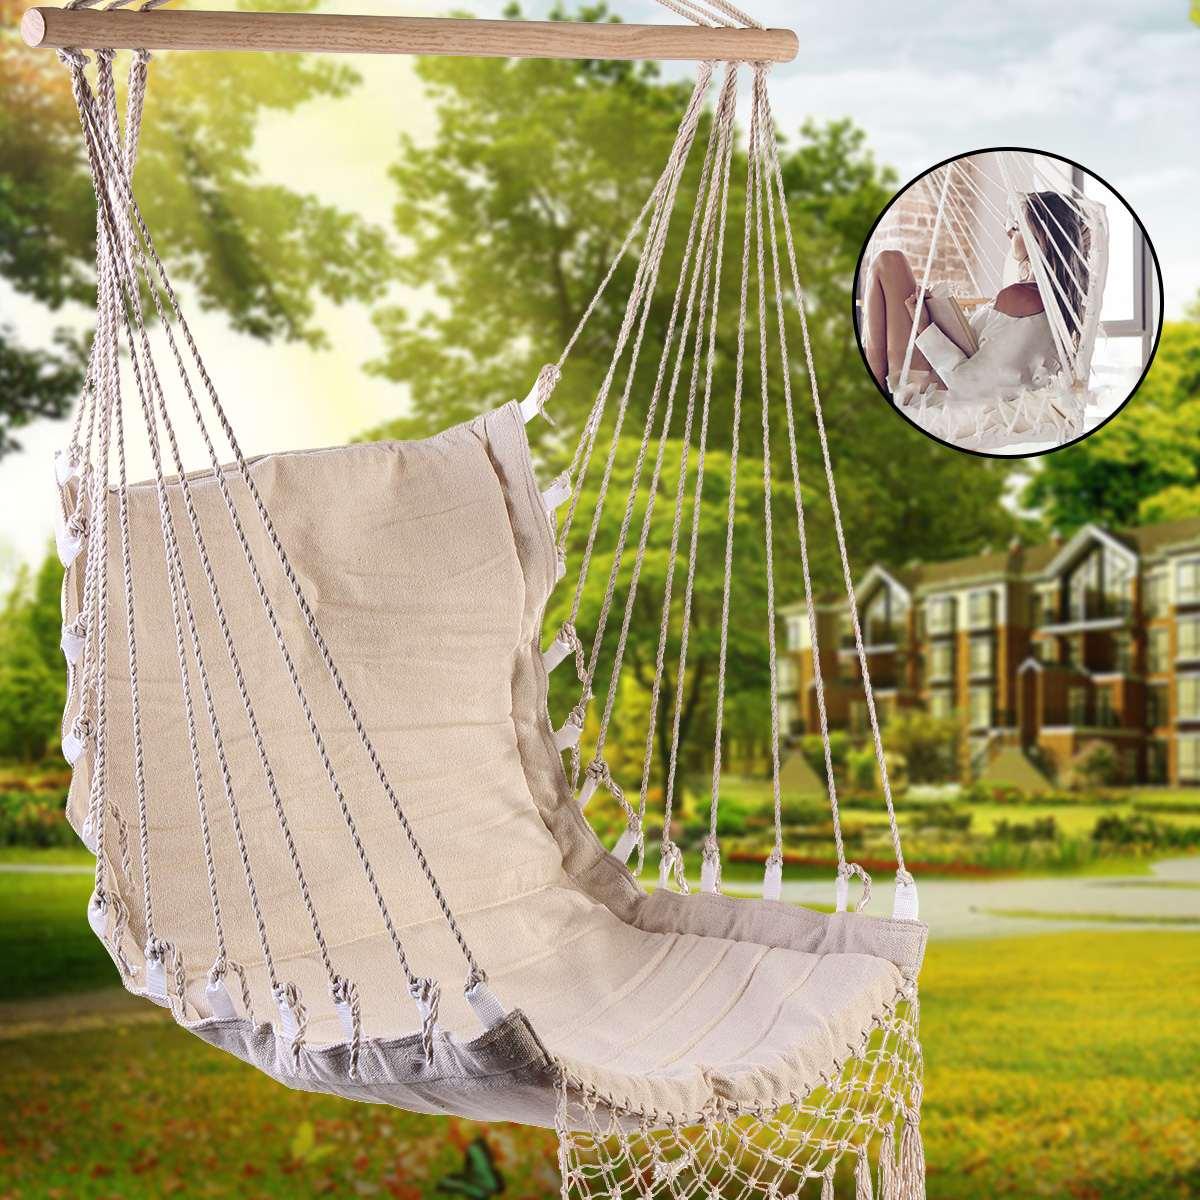 Lona de algodão rede cadeira balanço pendurado cadeira faculdade dormitório cadeira interior ao ar livre jardim crianças adulto mobiliário pendurado balanço